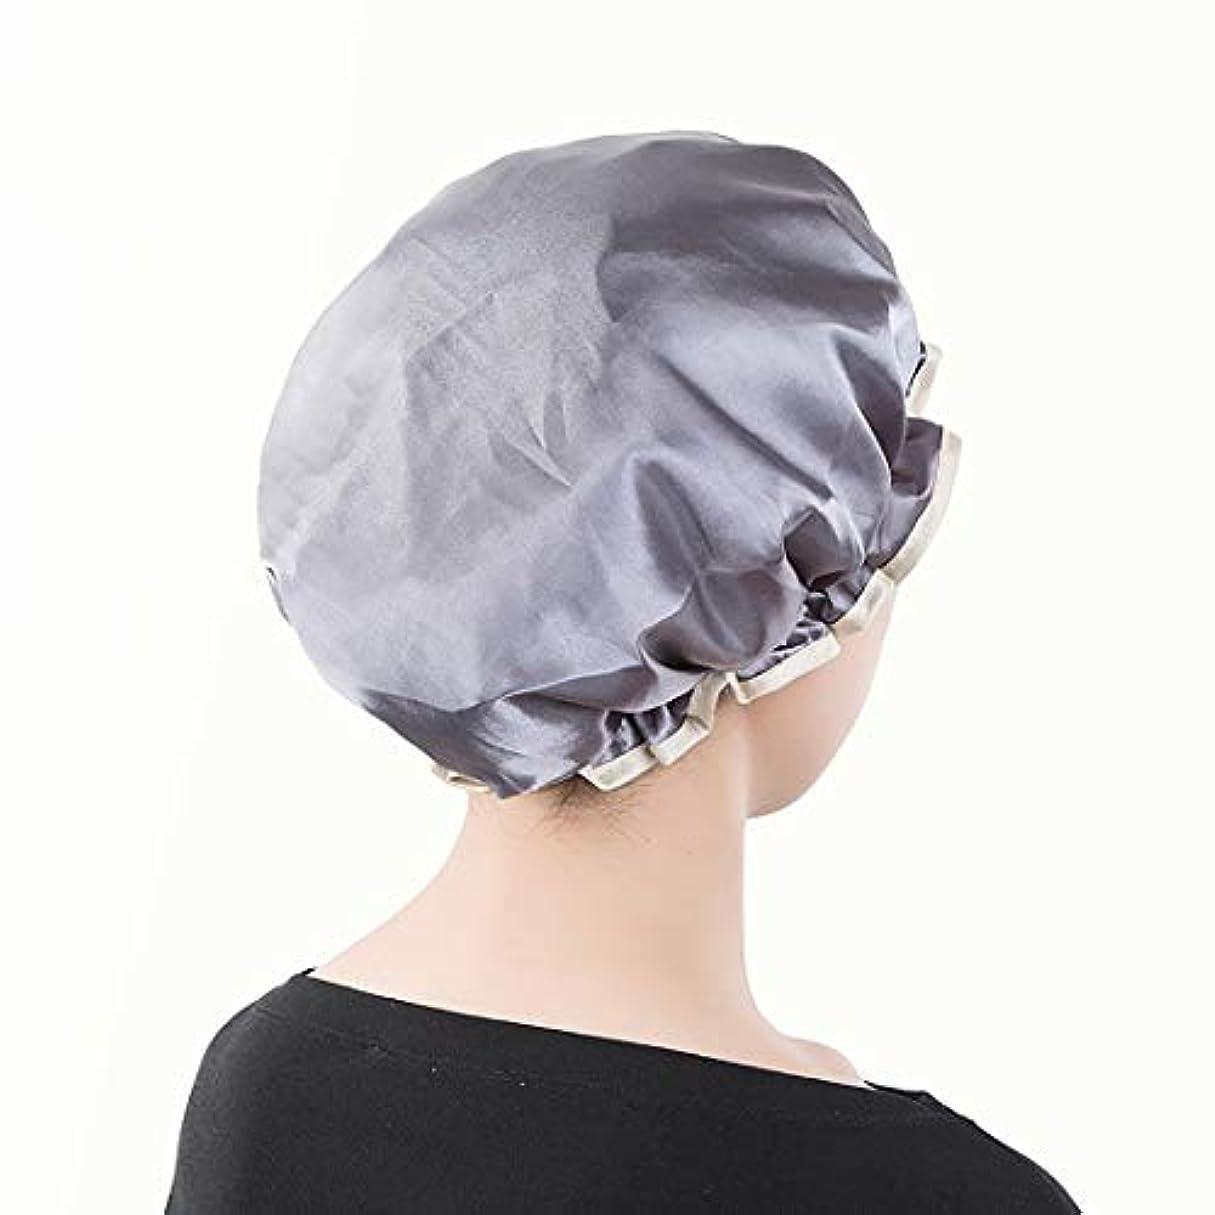 郵便物寛大さ屋内Swiftgood シャワーキャップ、特大バスキャップ、すべての髪の長さと太さに最適 - 防水性 - 二重層